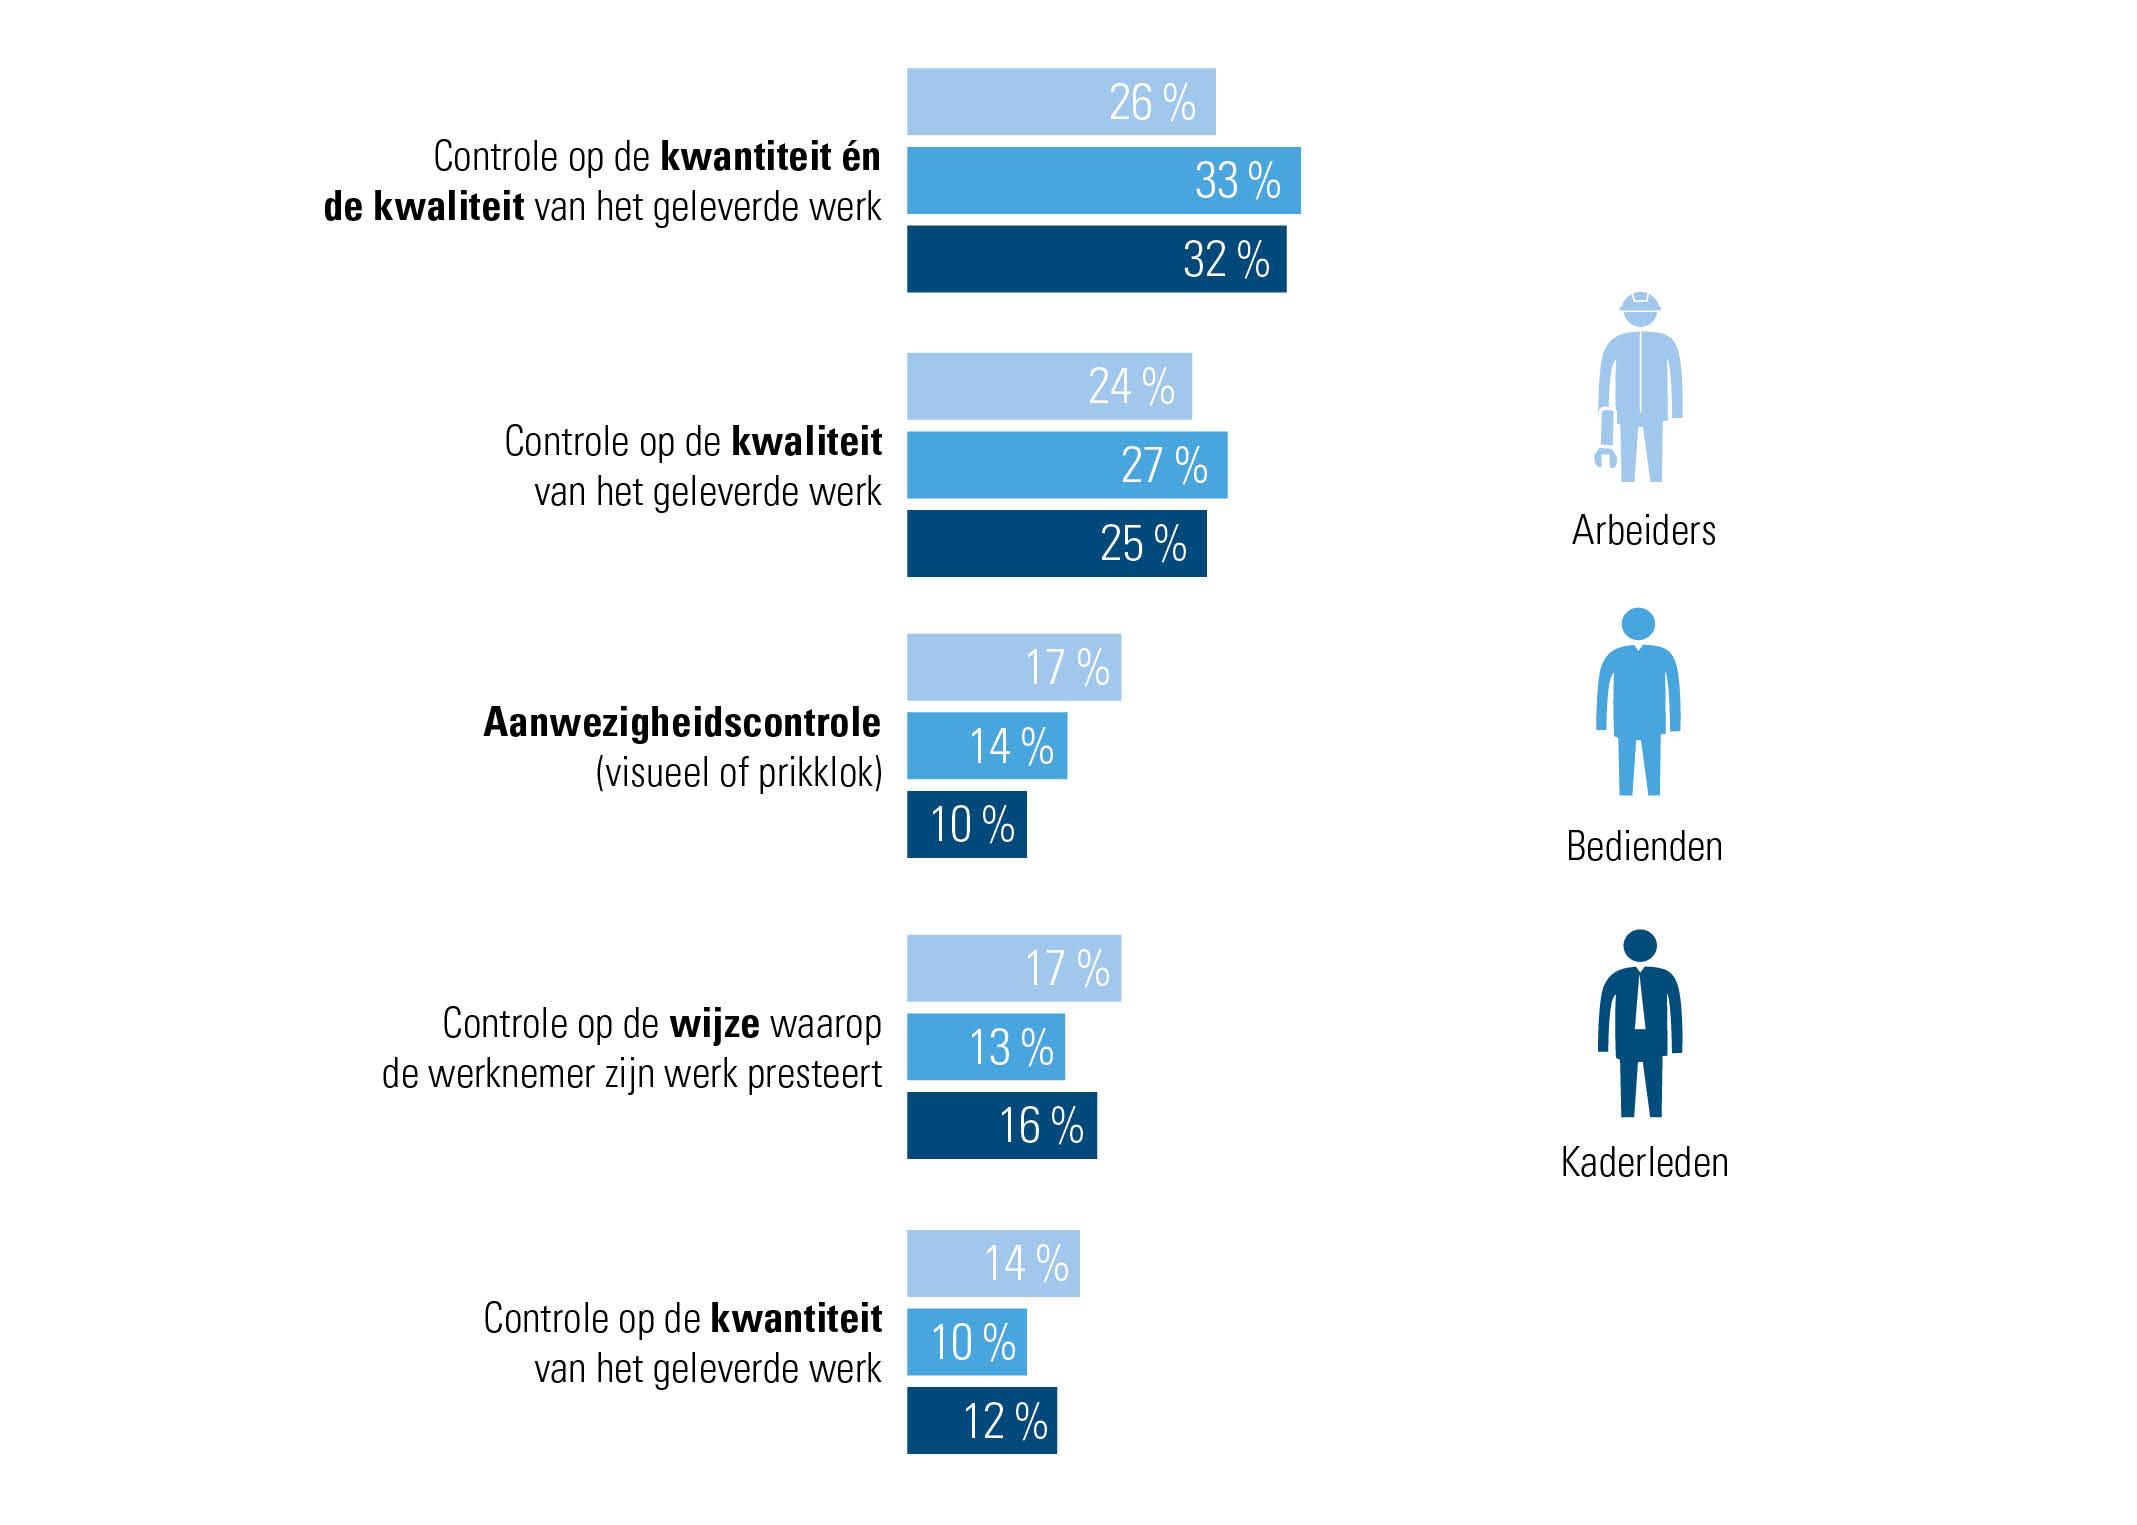 Aanwezigheidscontrole blijft voor ruim 1 op de 10 werkgevers een belangrijk beoordelingscriterium